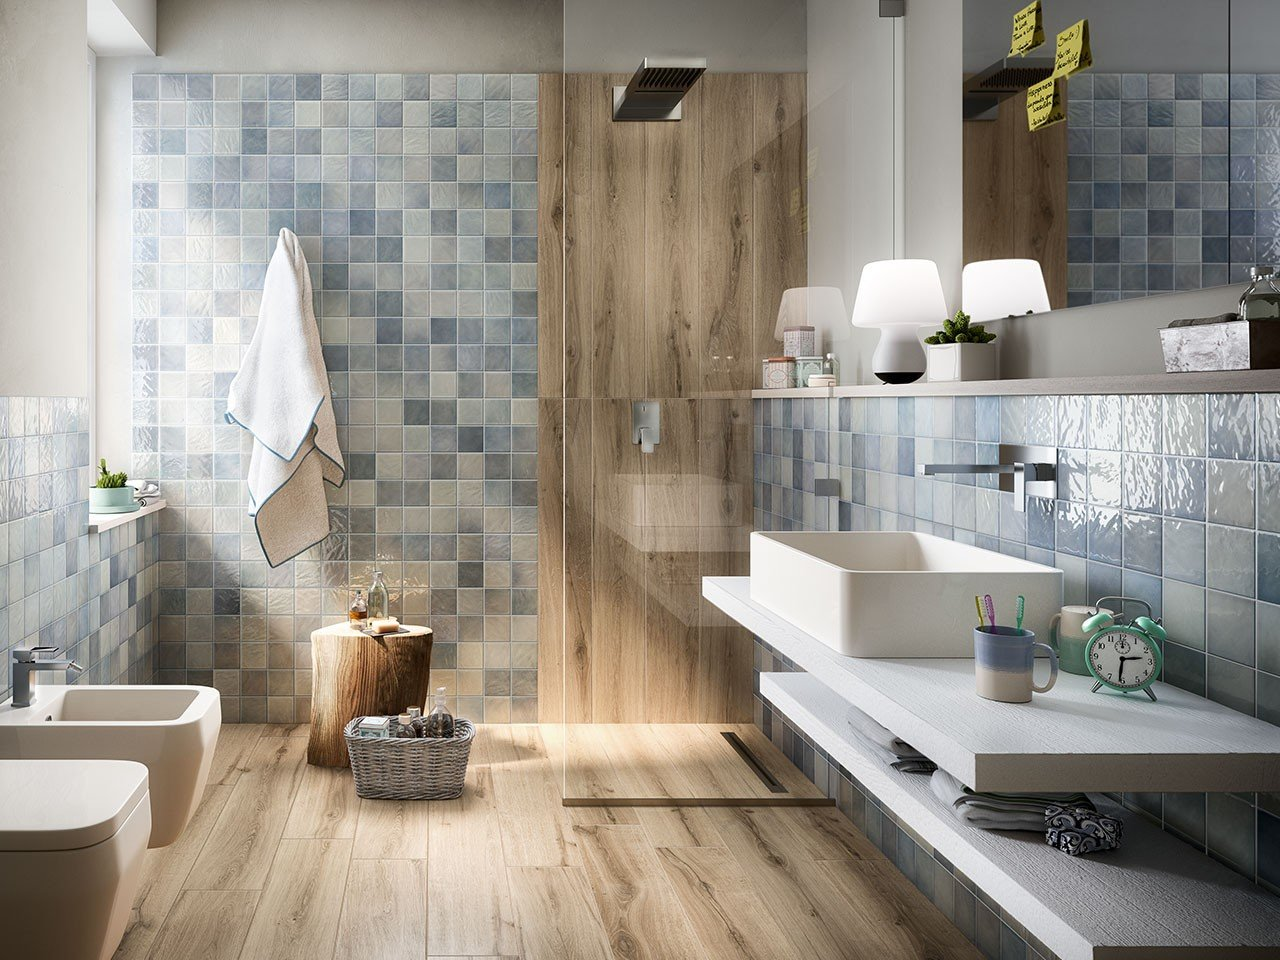 Colori per rivestimento bagno design casa creativa e - Colori piastrelle bagno ...